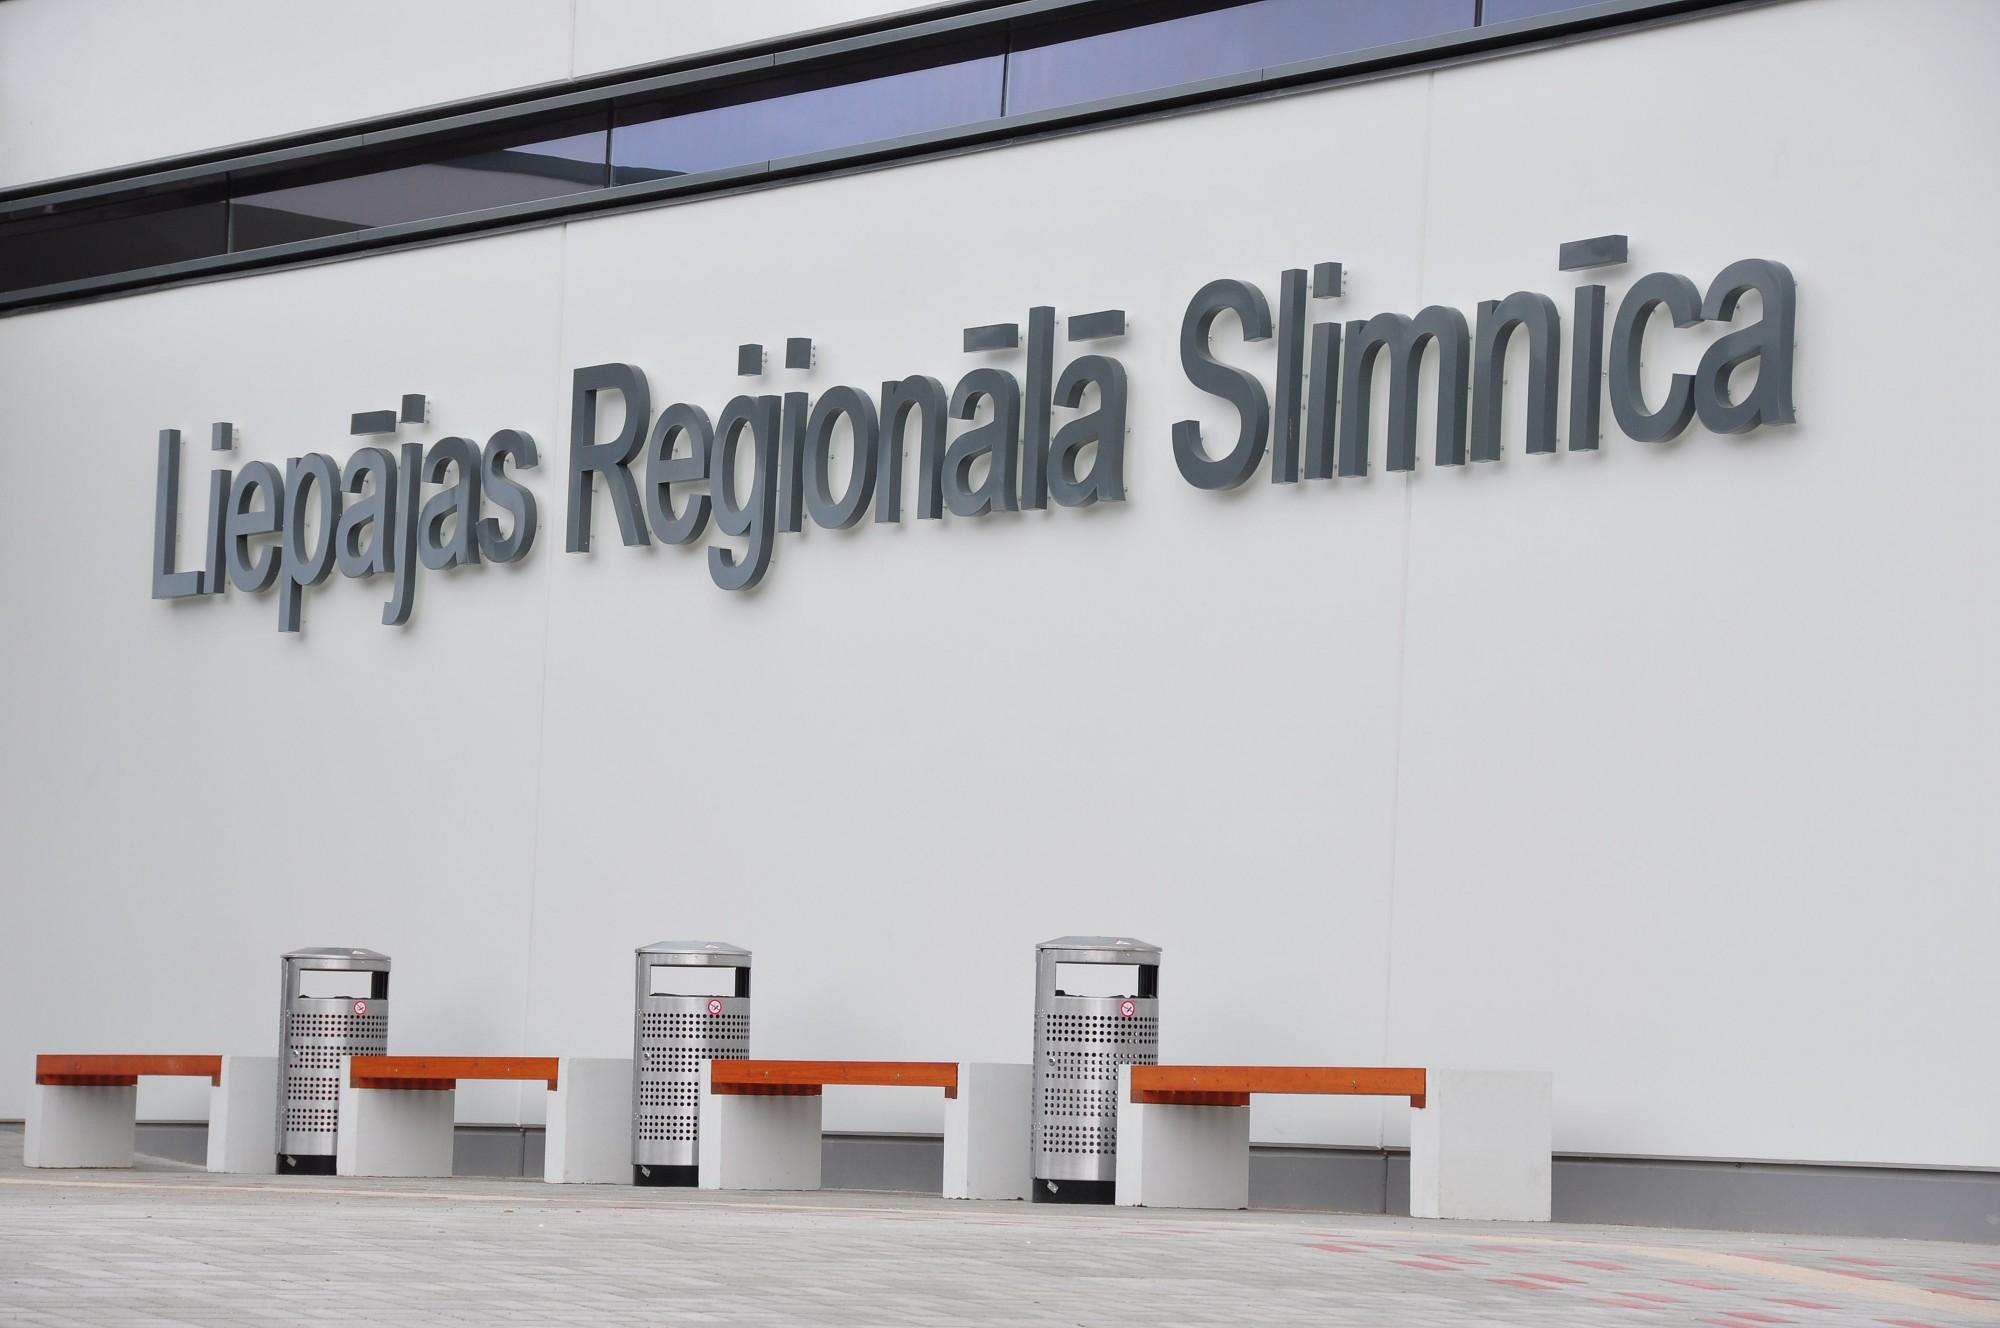 Liepājas reģionālās slimnīcas vadība ieskicē darbu valsts pagaidu budžeta apstākļos